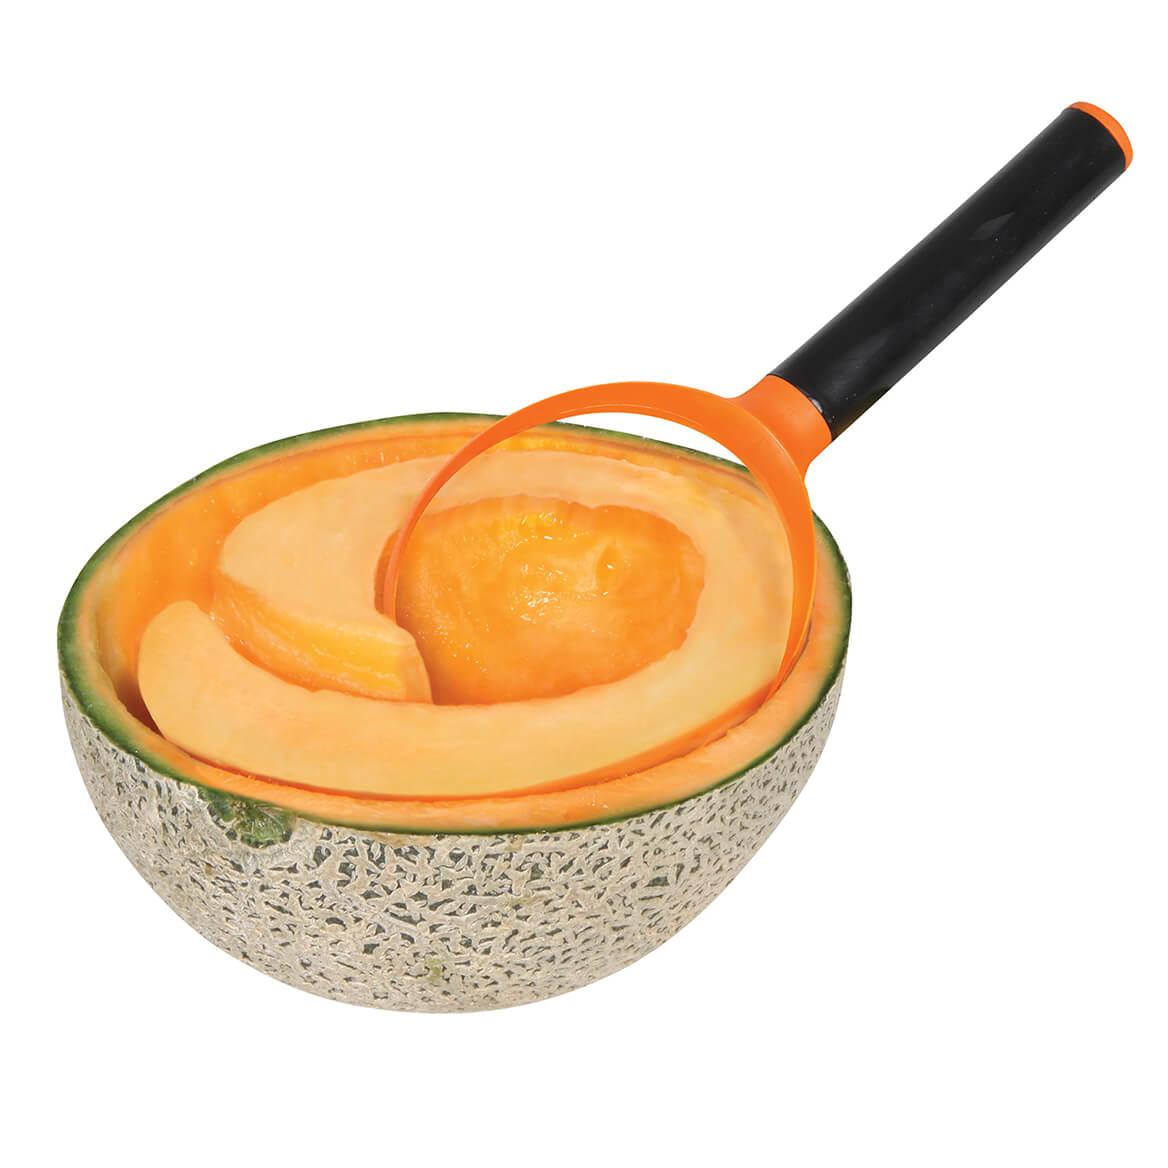 Fruit Scoops-369875